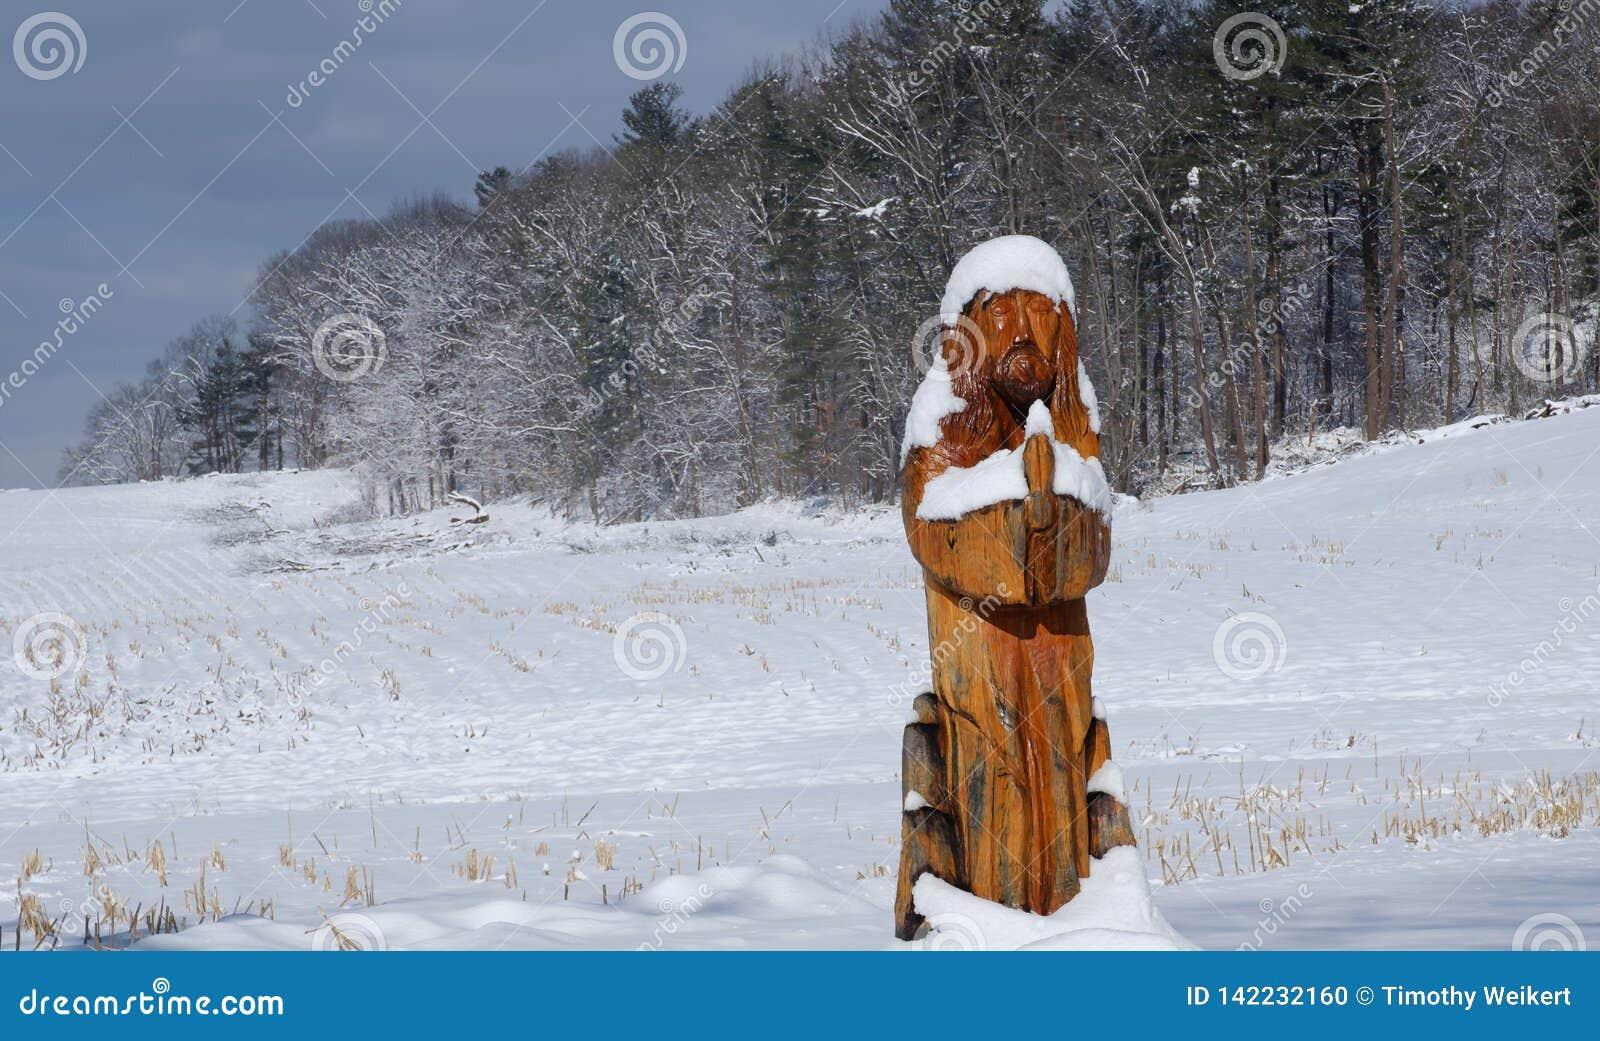 Gardners, PA/ΗΠΑ - το Μάρτιο του 2019: Άγαλμα του Ιησού που καλύπτεται με το χιόνι στο κρύο, χειμερινή ημέρα